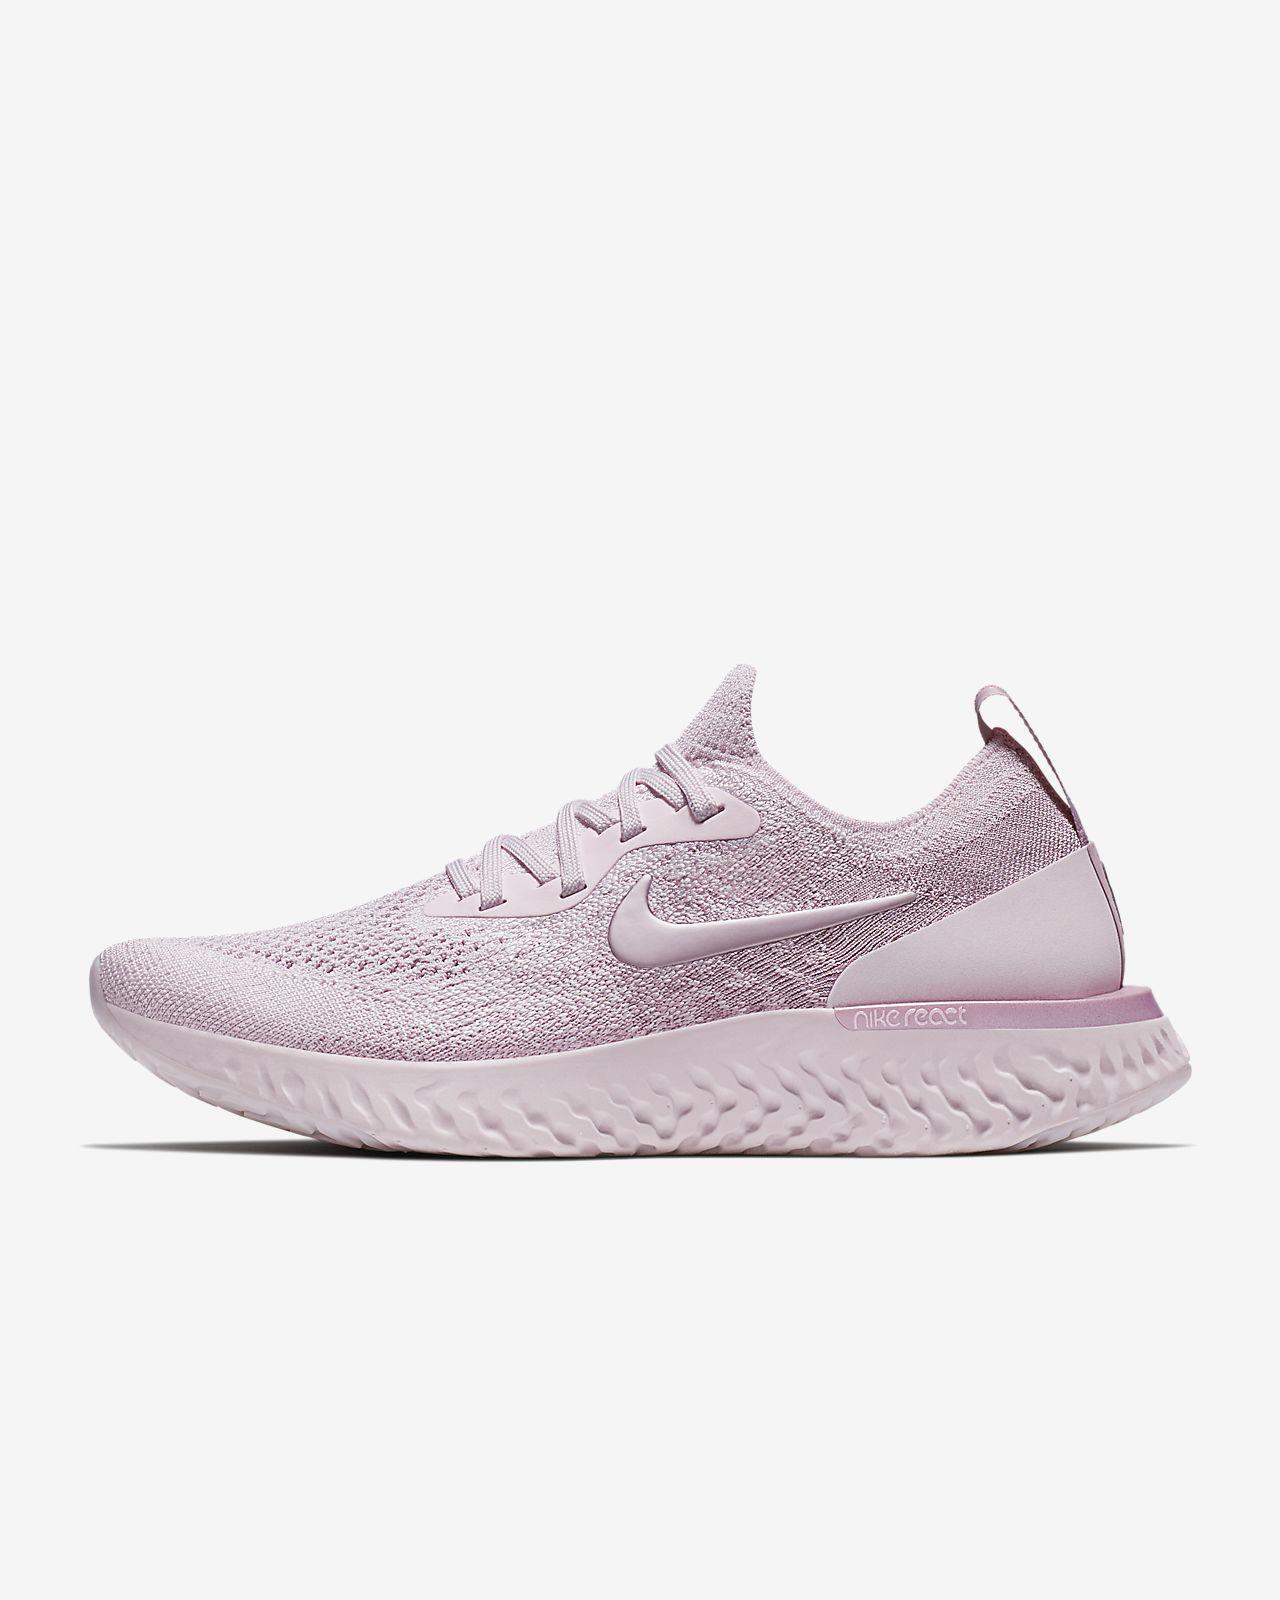 Nike Epic React Flyknit 1 Women's Running Shoe